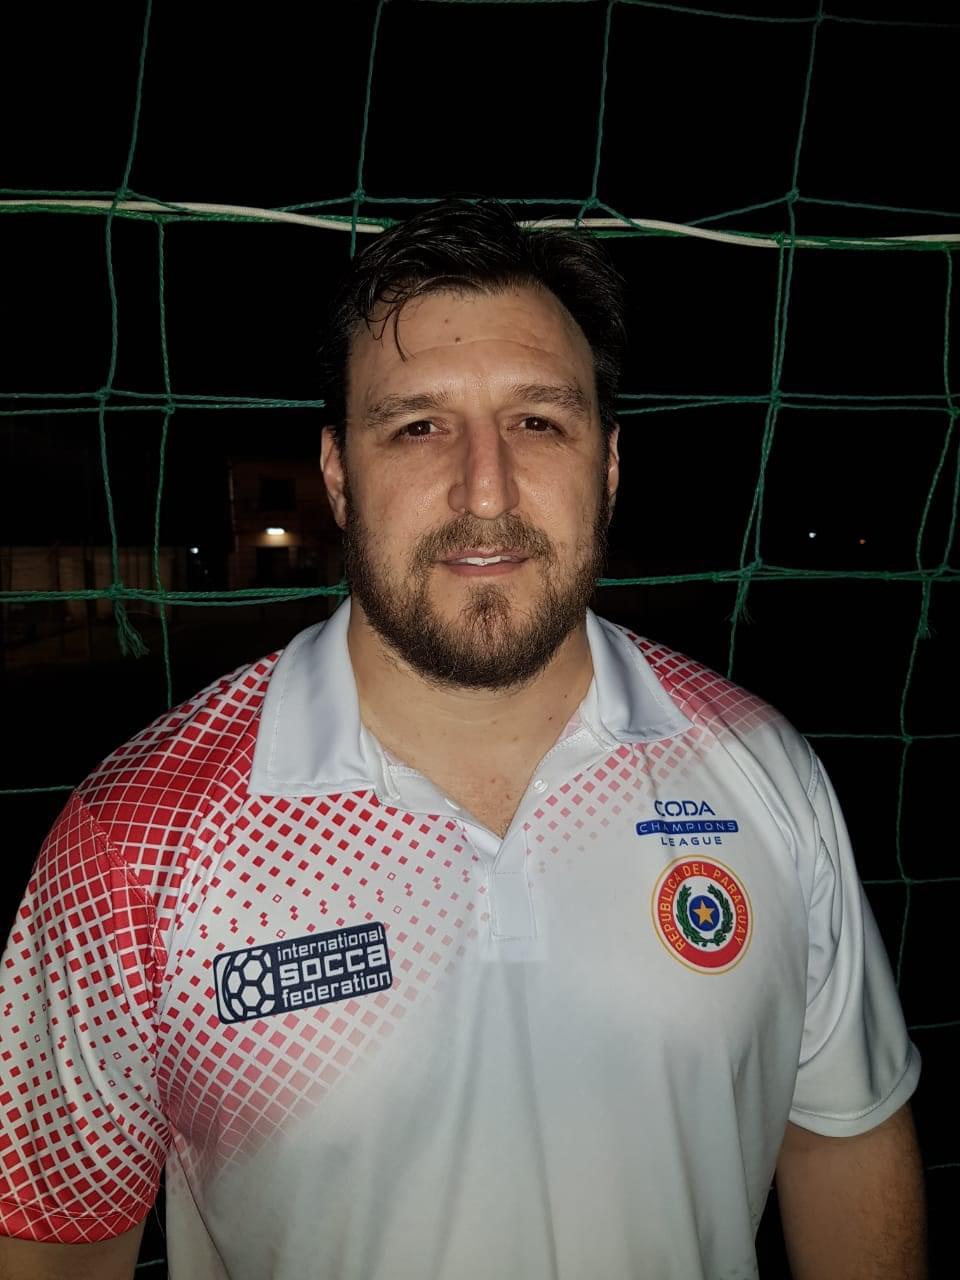 Hector Amadeo Vega Molas